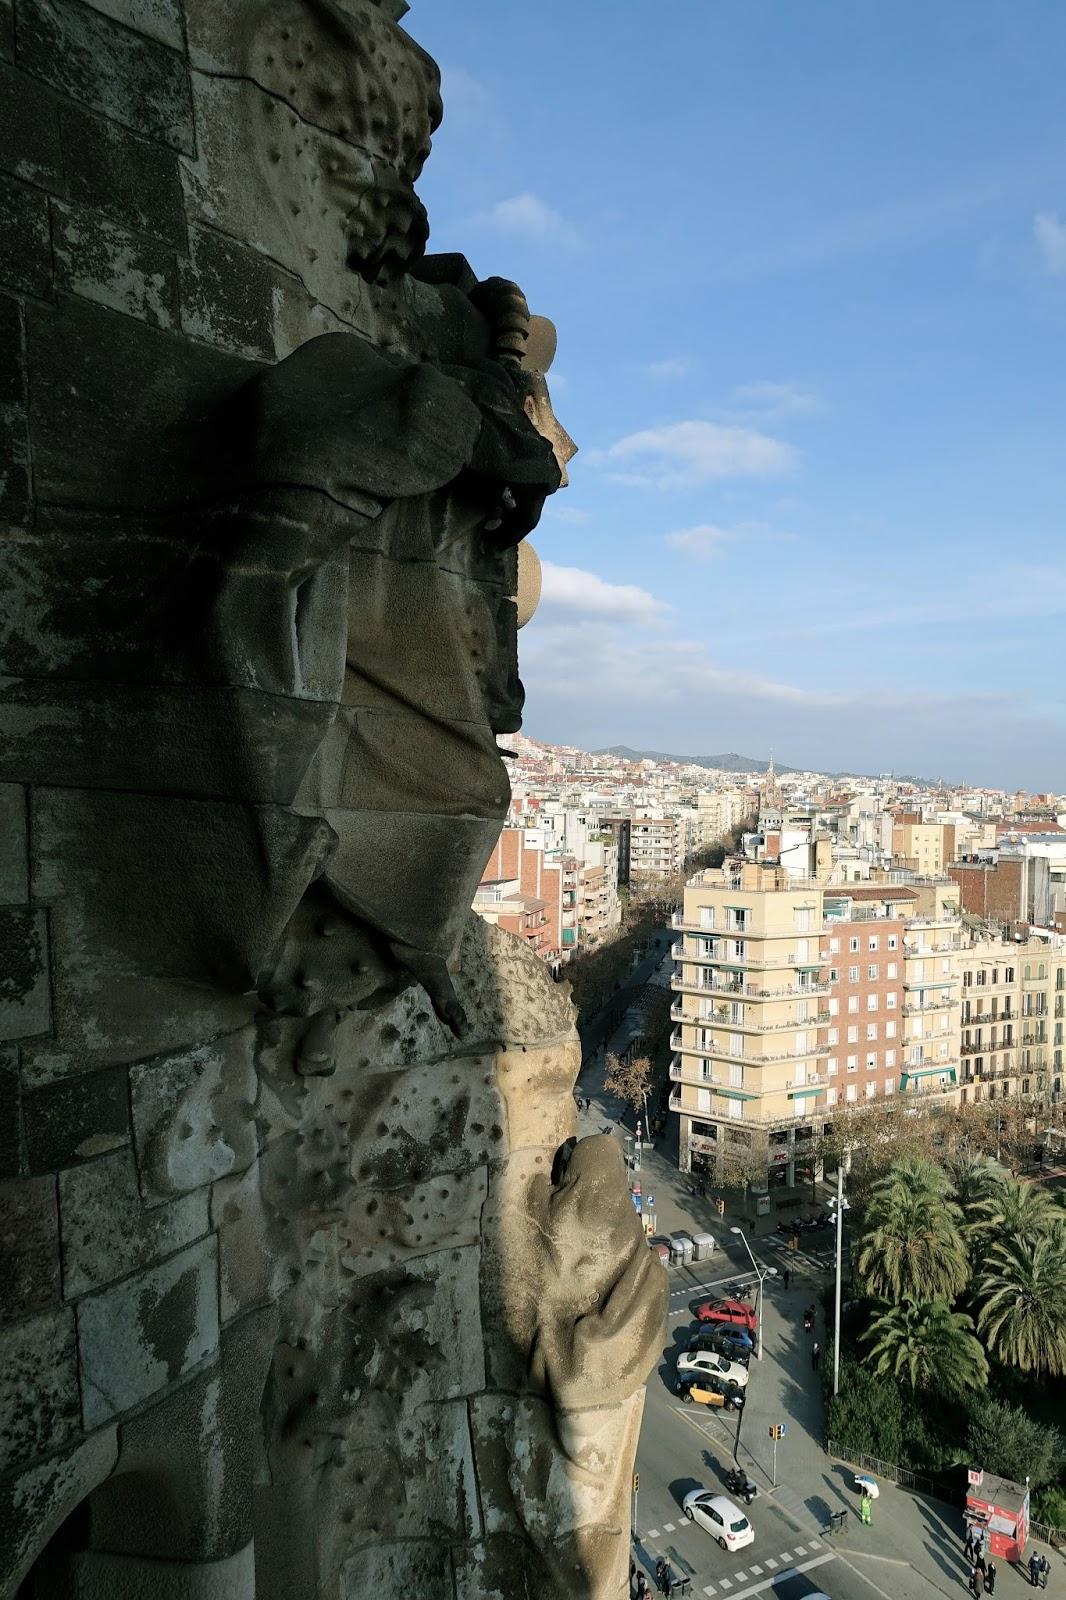 サグラダ・ファミリア (Sagrada Familia)